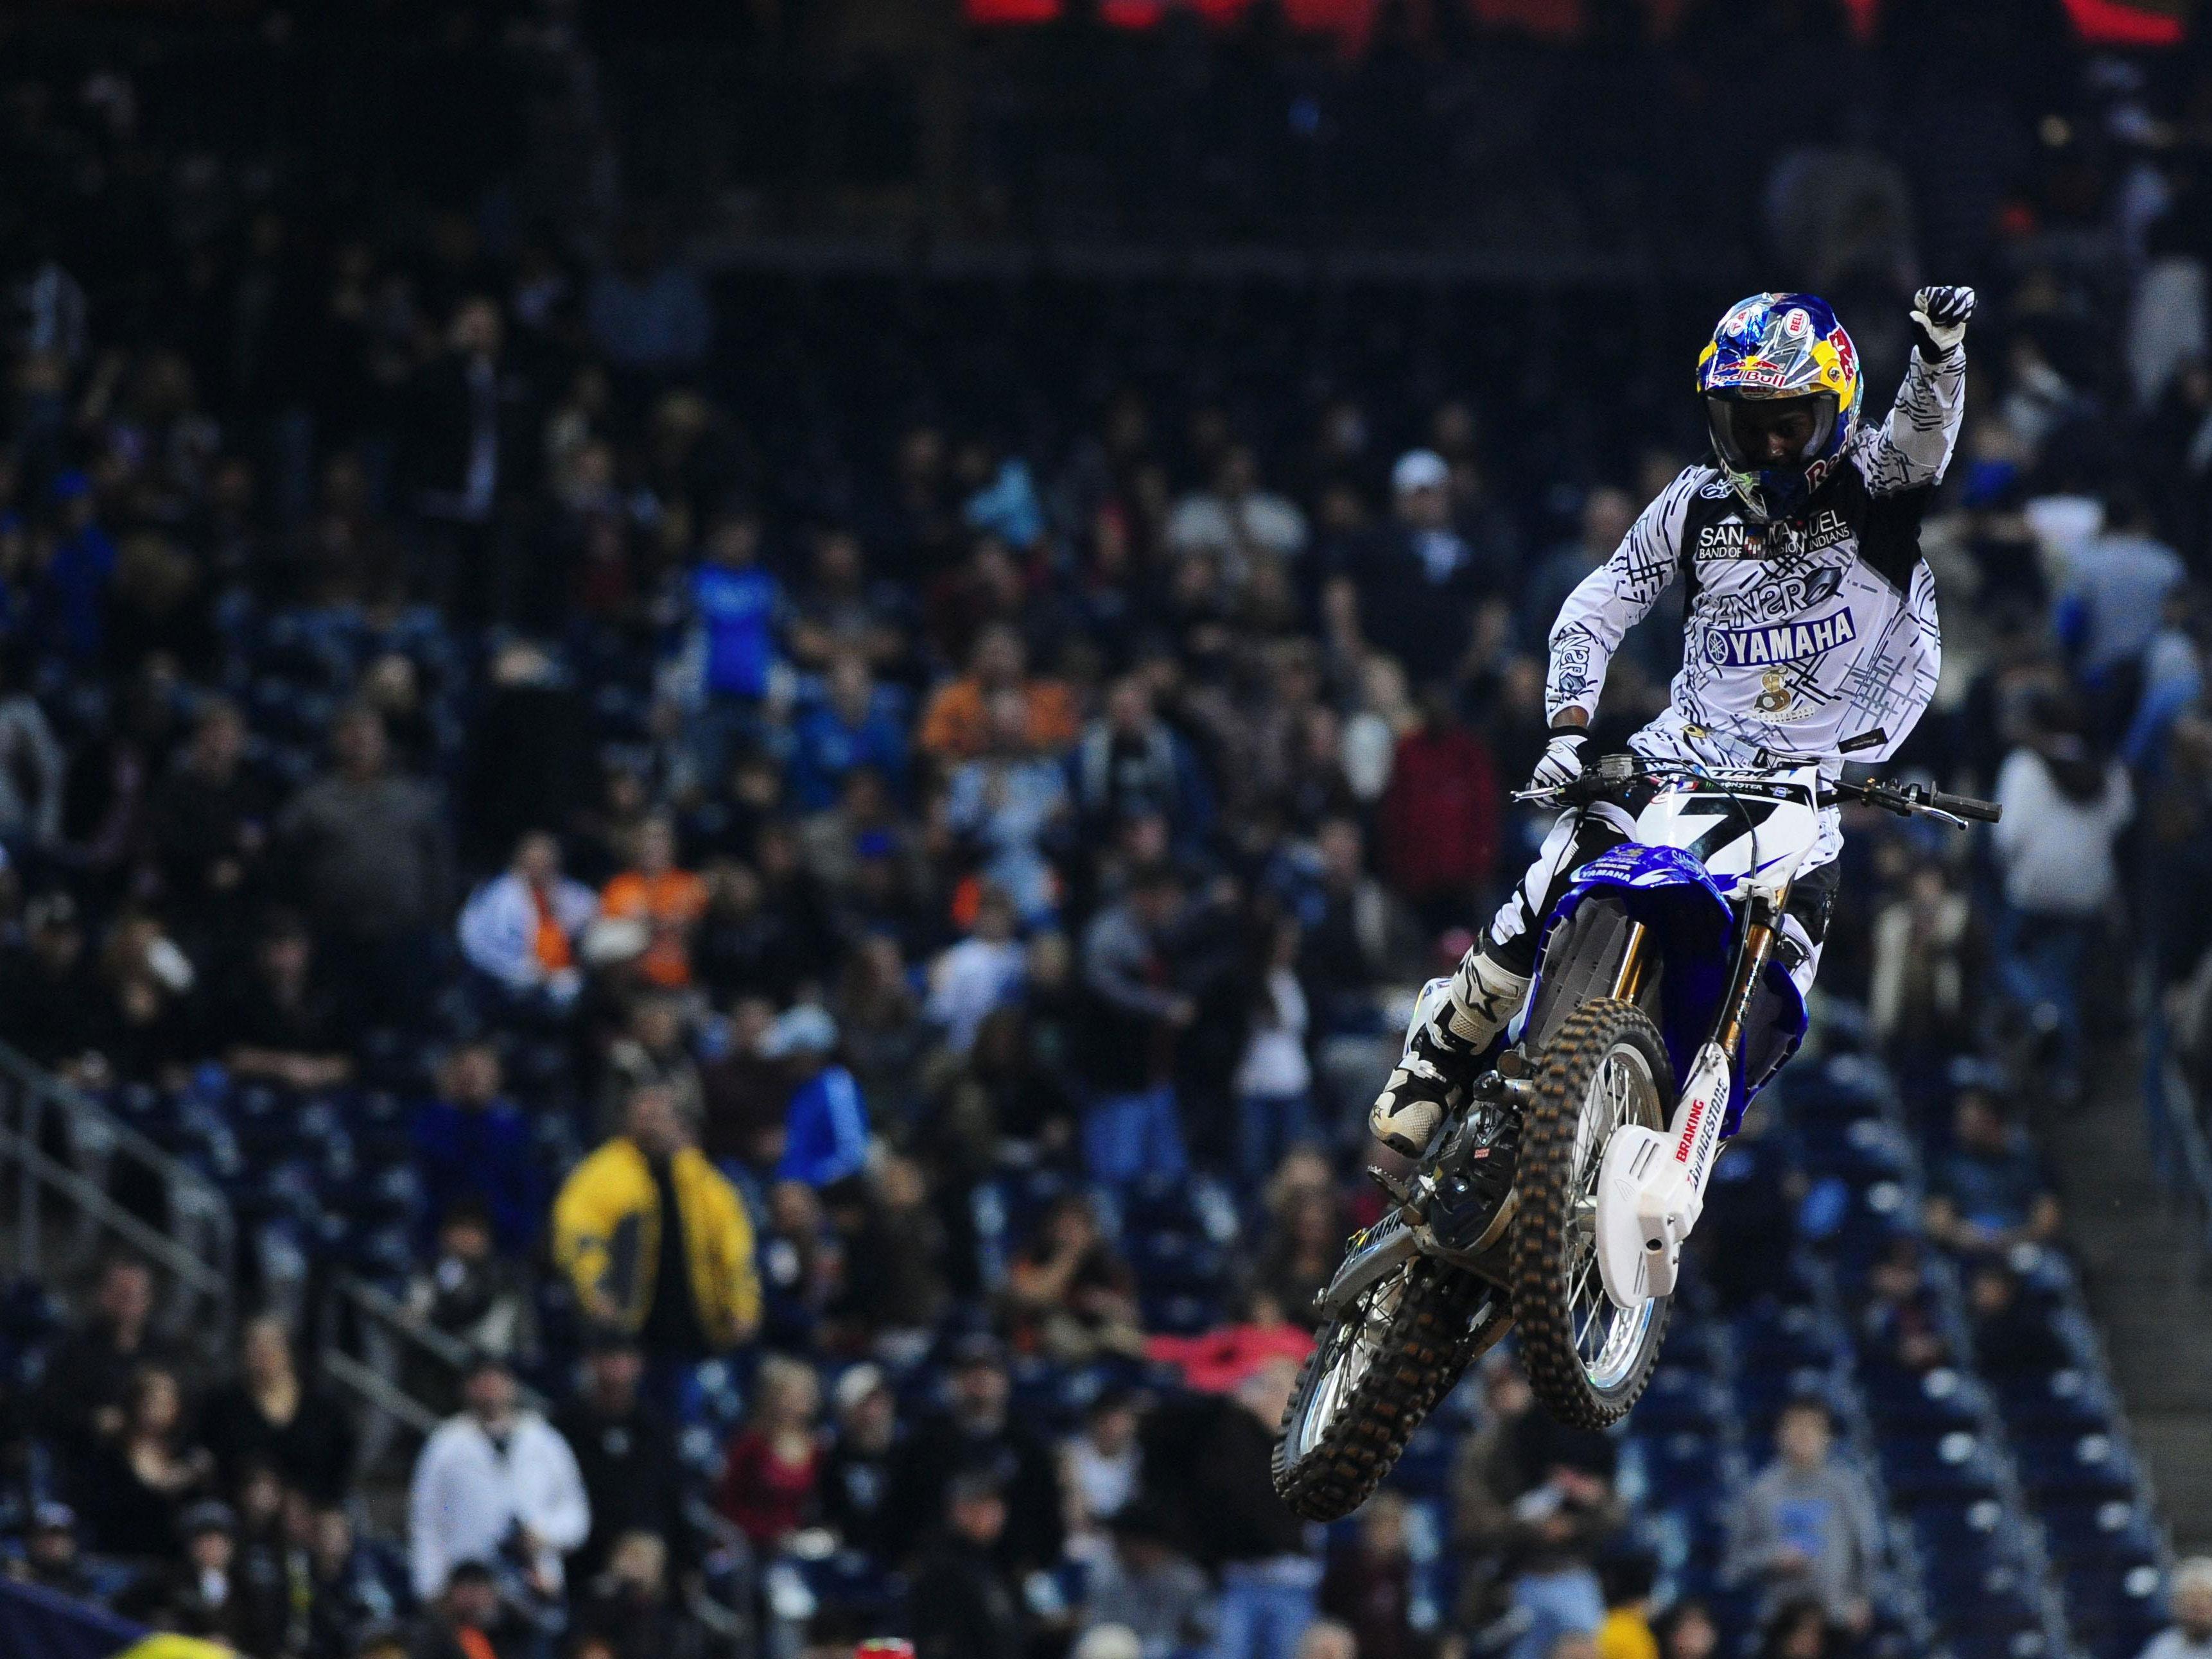 Stewart (Yamaha) suma la tercera victoria y ya es segundo en la general